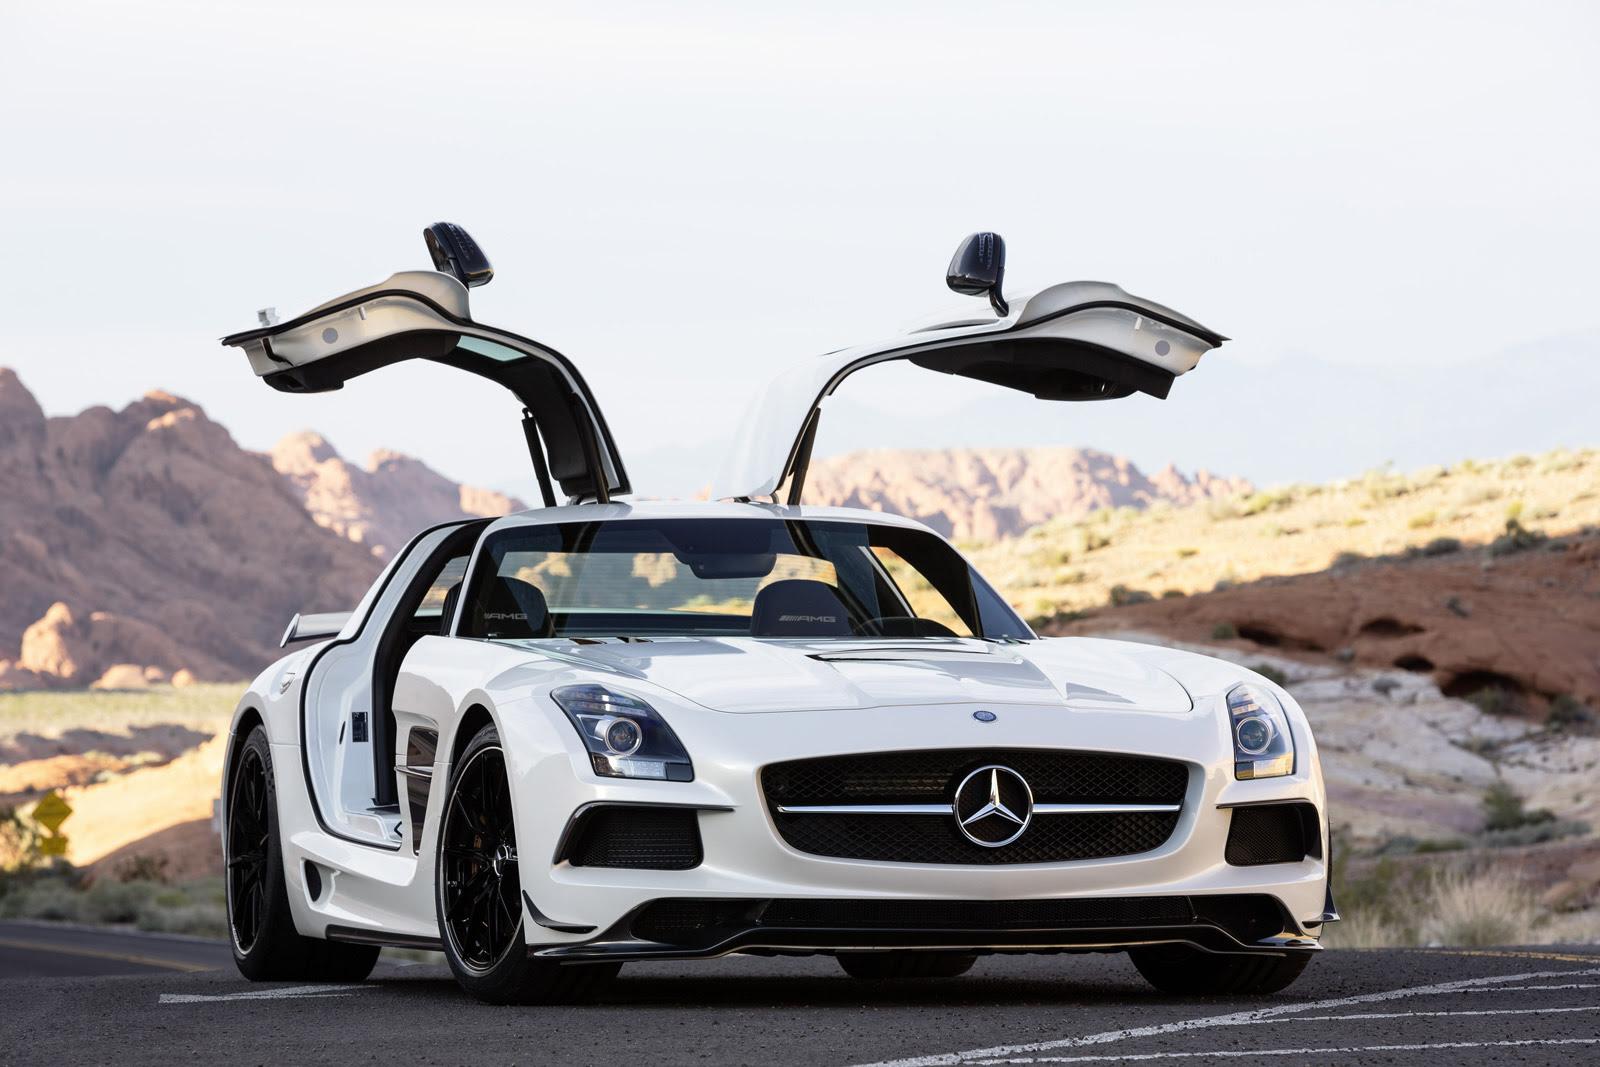 2014 Mercedes-Benz SLS AMG GT Review, Ratings, Specs ...